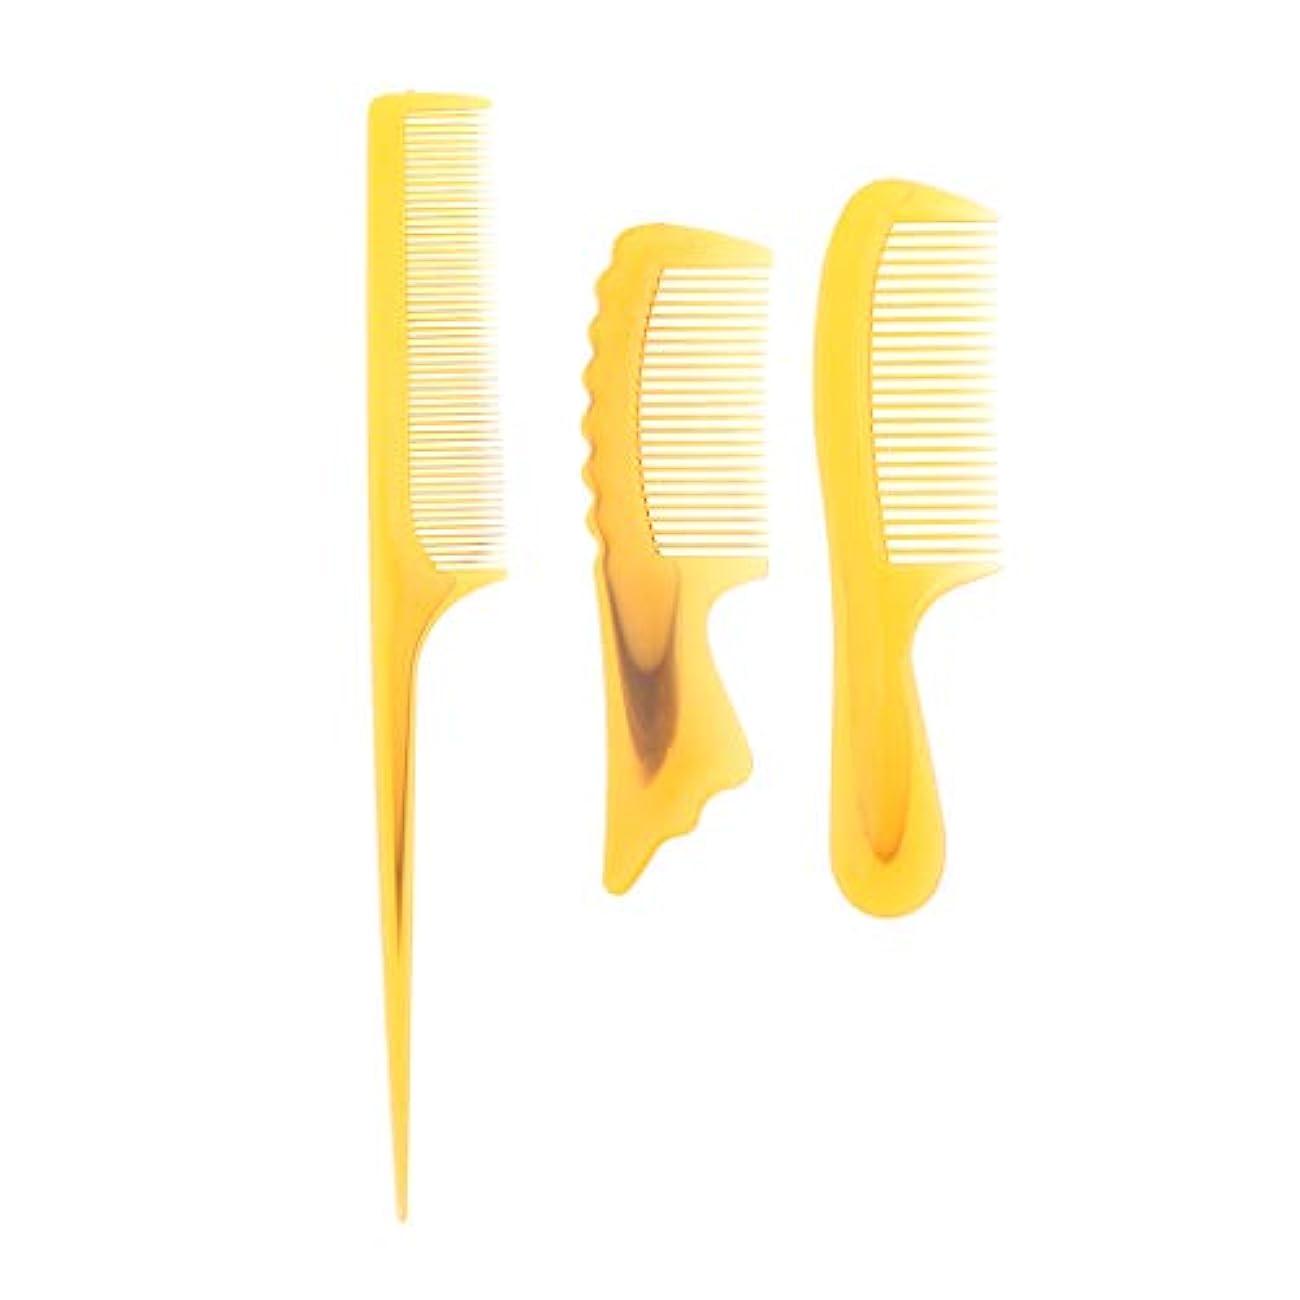 ミュージカル賢明な印象的F Fityle 3個 髪の櫛 静電防止櫛 ヘアブラシ ヘアコーム コーム